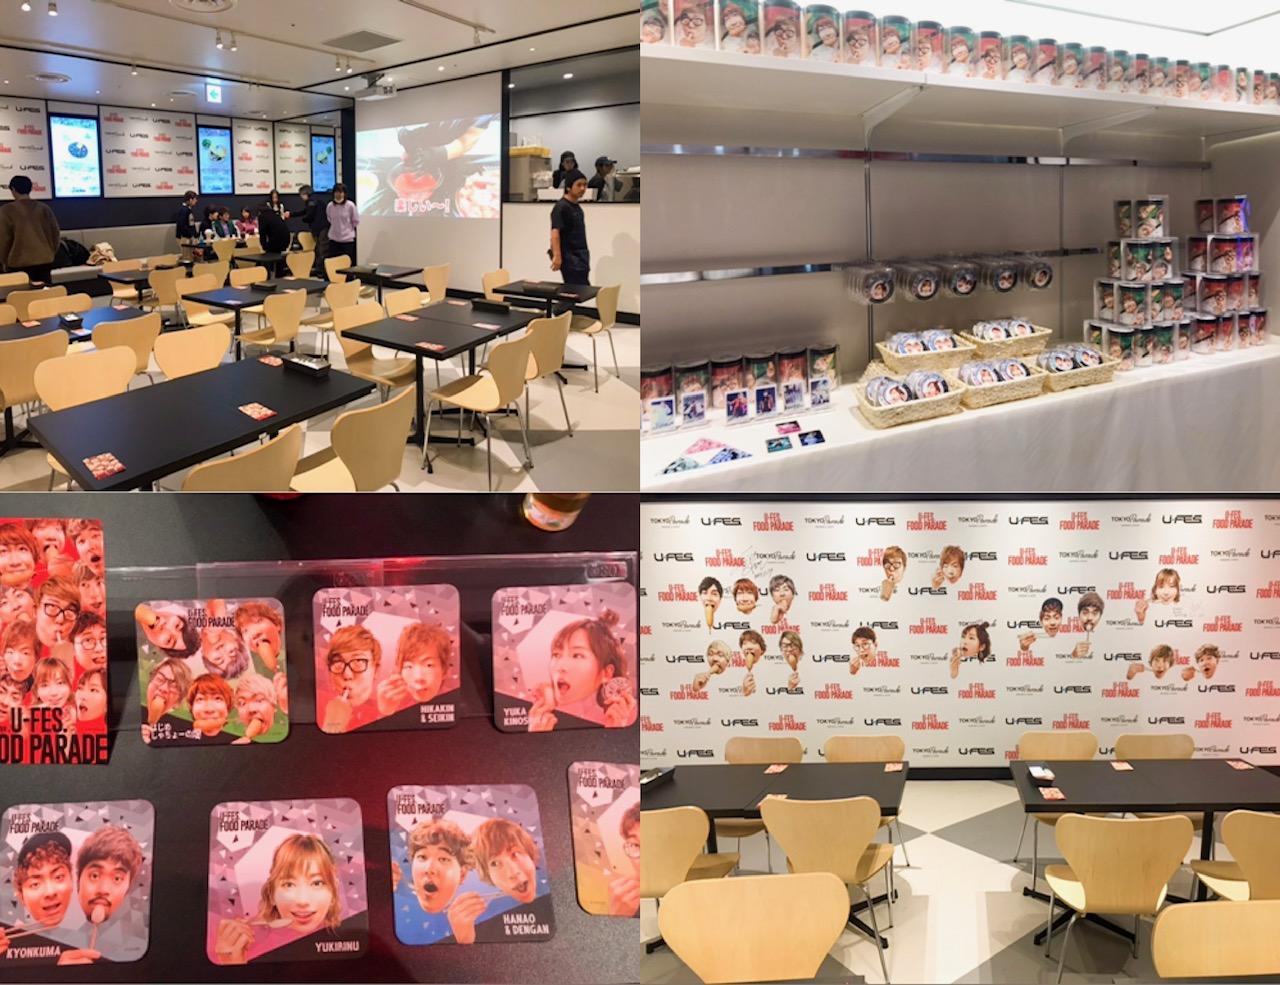 『渋谷PARCO』のおすすめグルメ7選。「未来日本酒店」や「ON THE CORNER」、限定コラボカフェ「U-FES. FOOD PARADE」も!_8